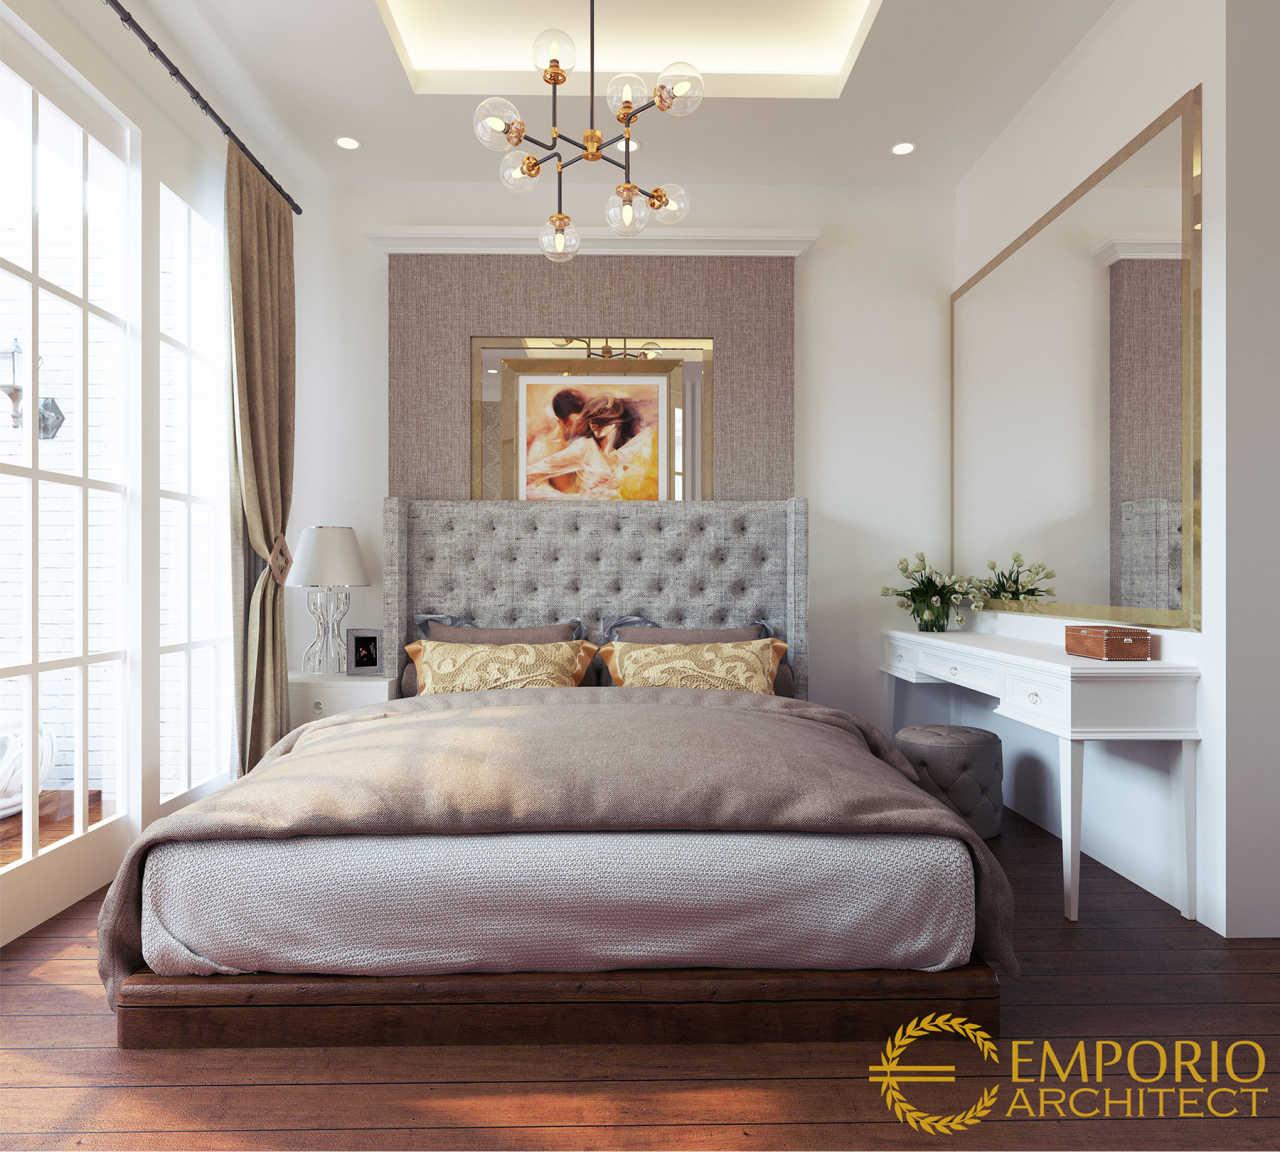 Jasa Desain Kamar Tidur Di Makassar: 5 Variasi Perletakan Cermin Dan Pengaruhnya Pada Ruangan